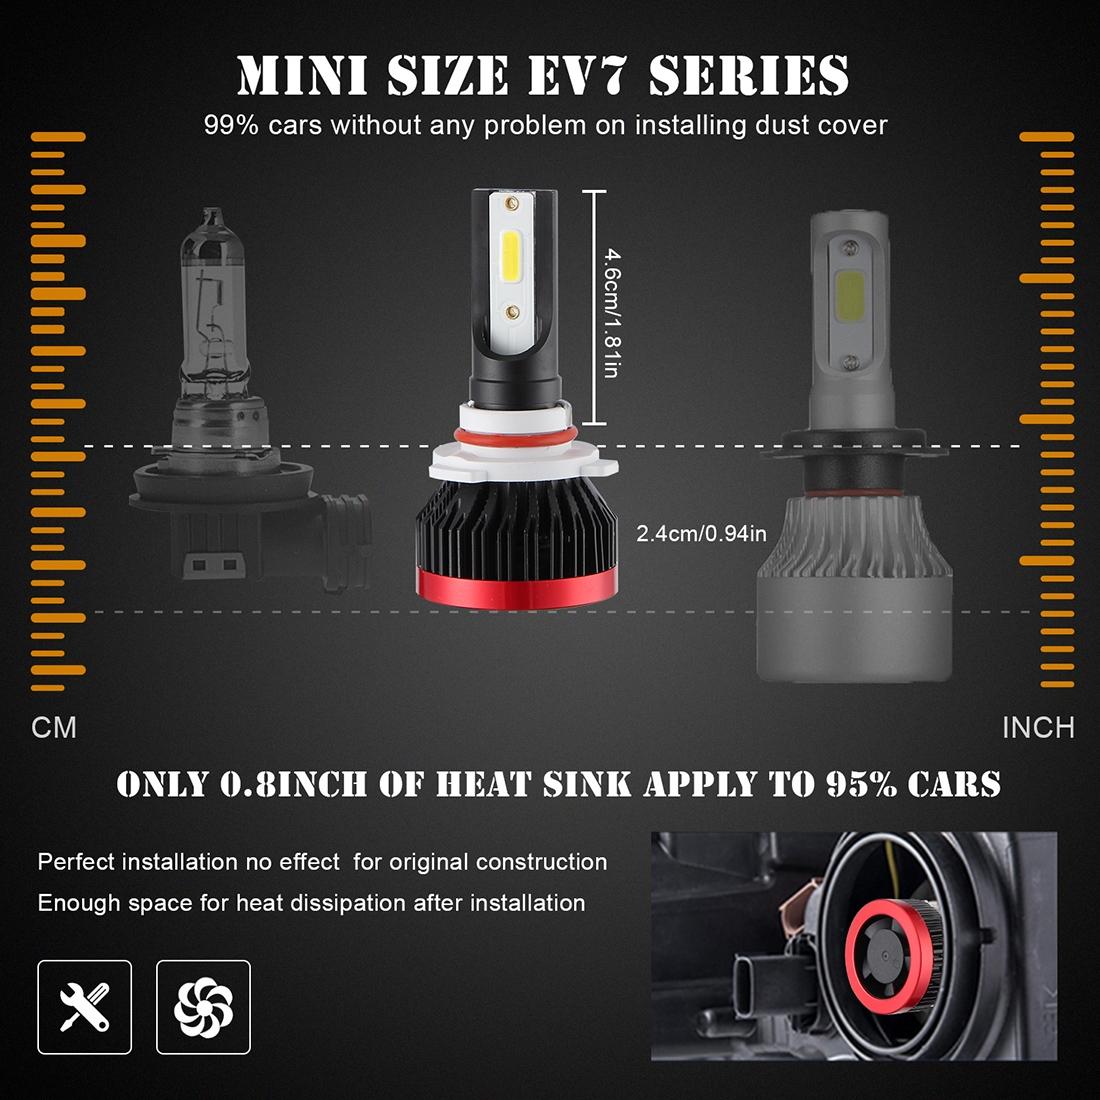 2 PCS EV7 9006 / HB4 DC 9-32V 36W 3000LM 6000K IP67 LED Car Headlight Lamps, with Mini LED Driver and Cable (White Light)